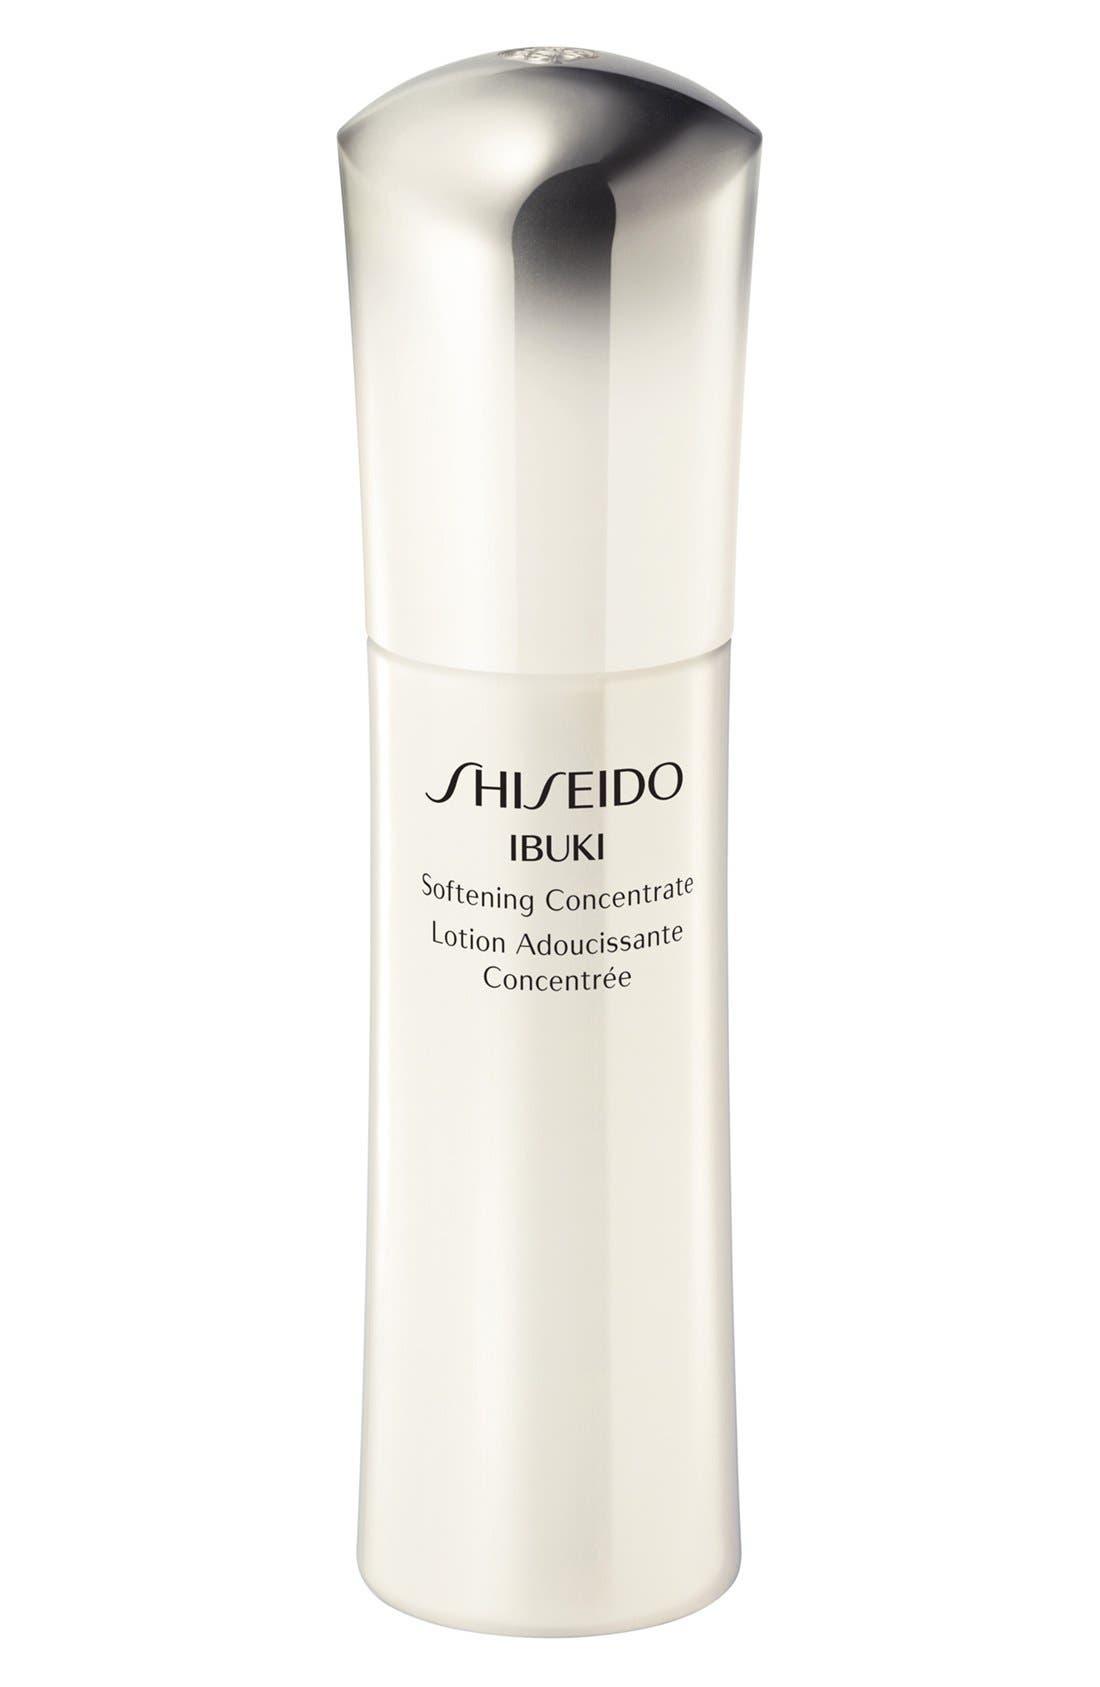 Shiseido 'Ibuki' Softening Concentrate